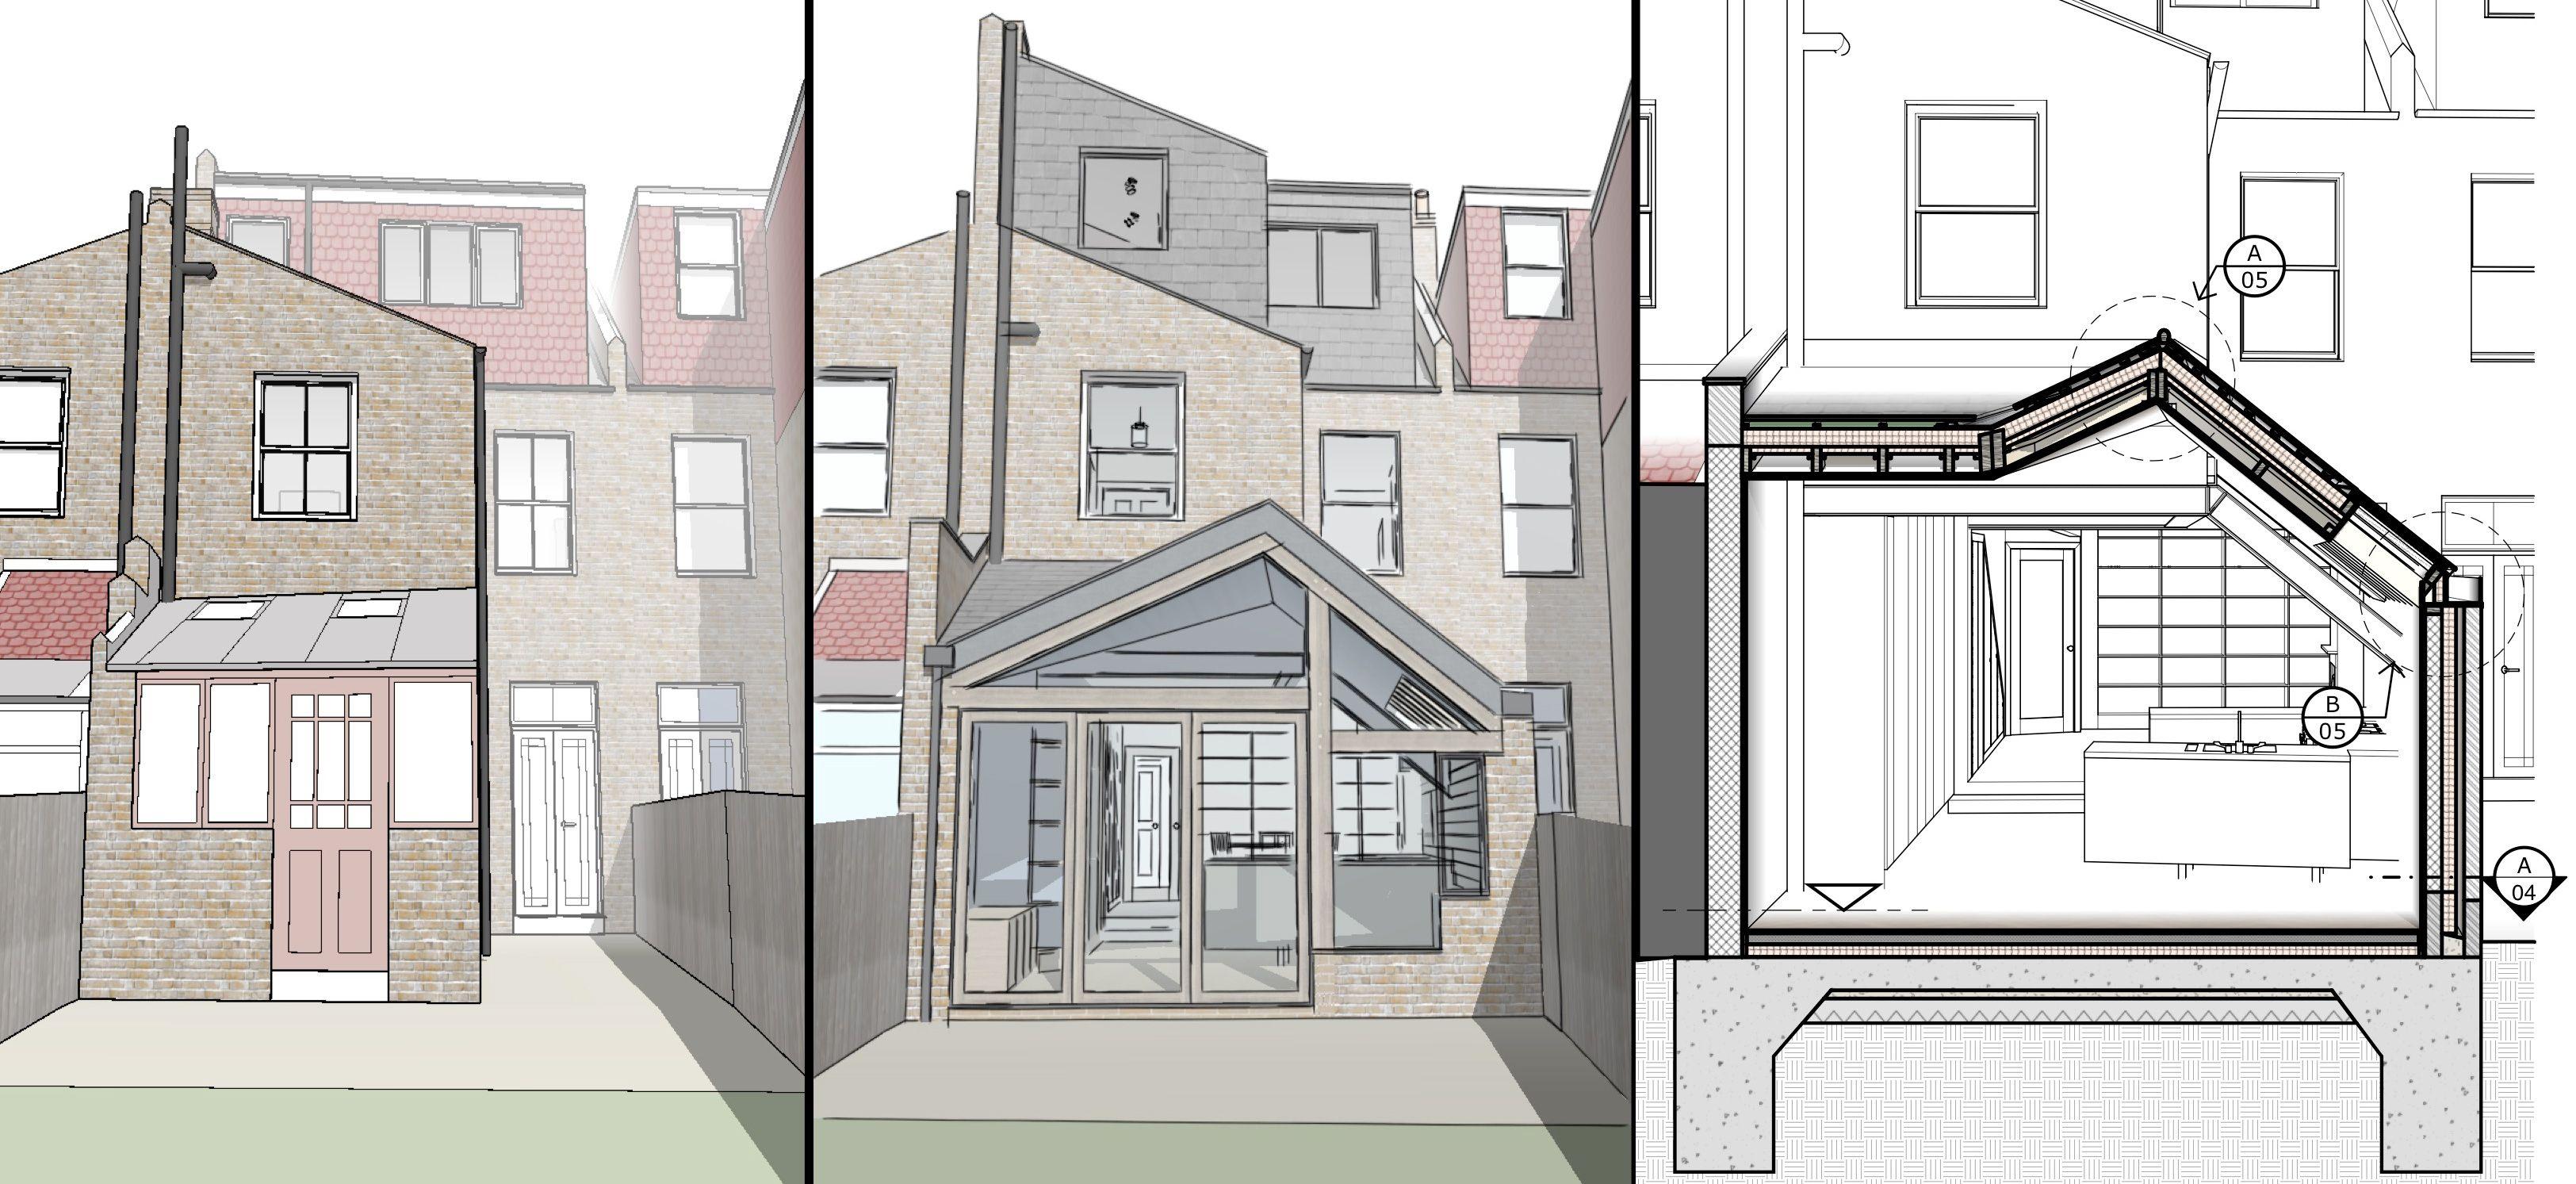 Tom Kaneko is an architectural designer and SketchUp ninja ...